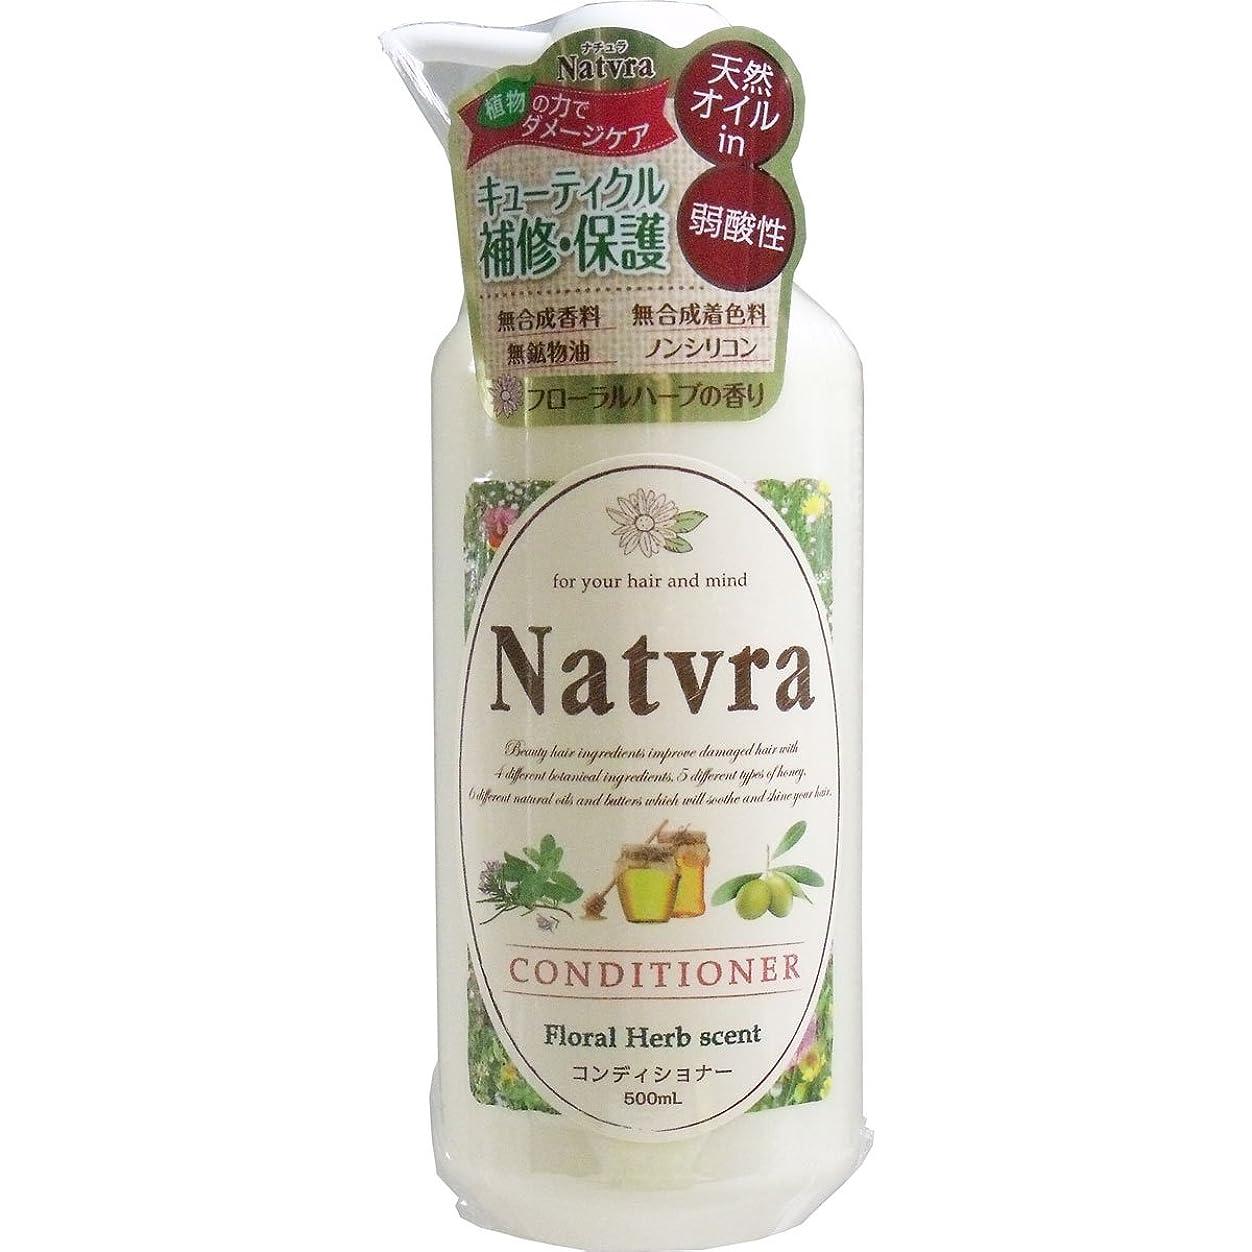 成分二層発行するNatvra(ナチュラ) コンディショナー フローラルハーブの香り 500mL【2個セット】